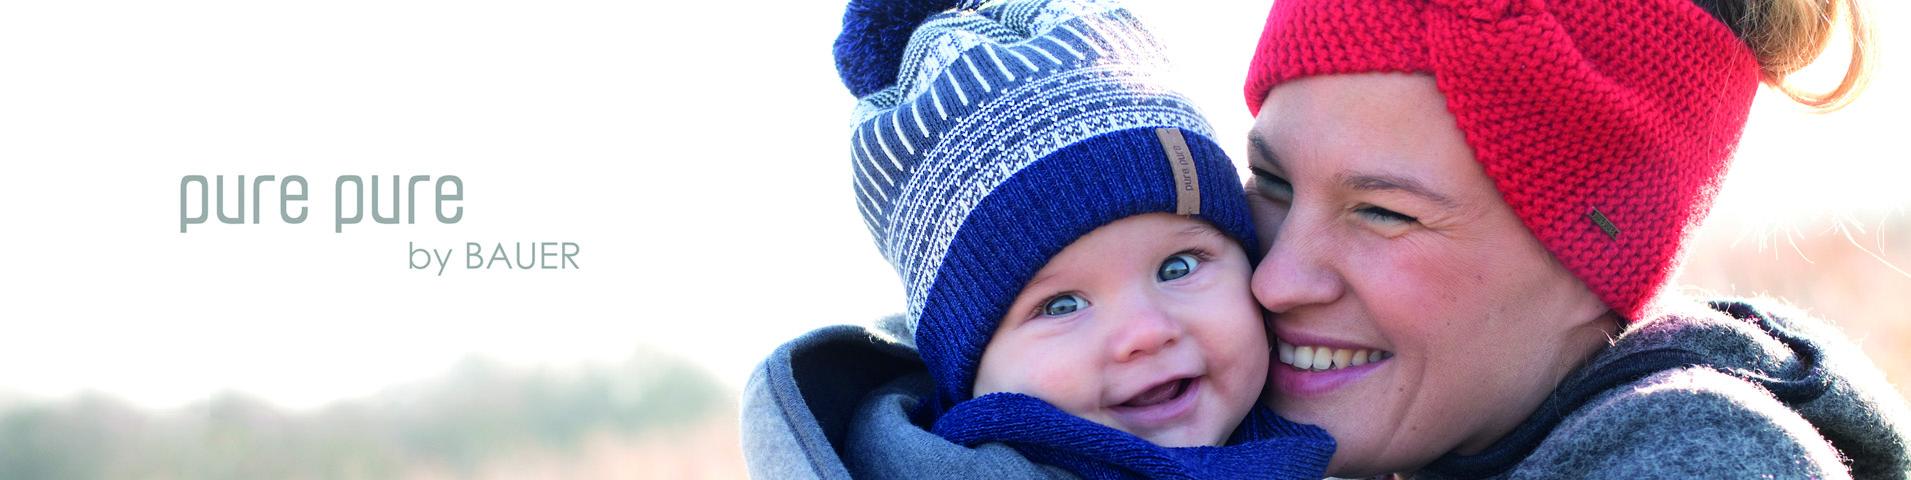 Cappelli   Berretti per bambini pure pure by BAUER 10a53f3e6008